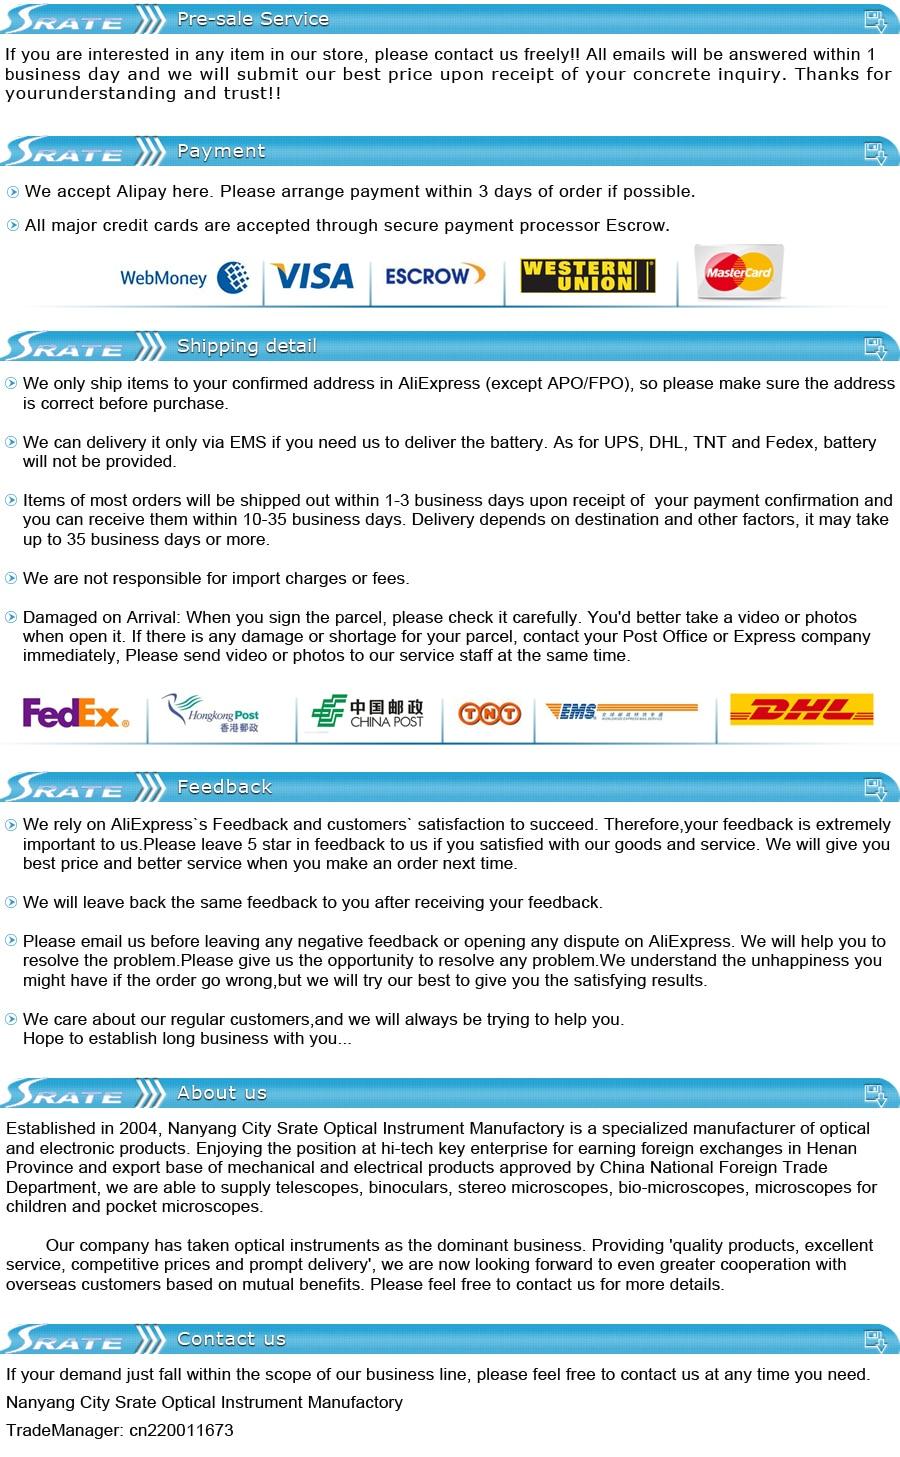 Warranty promise(2)